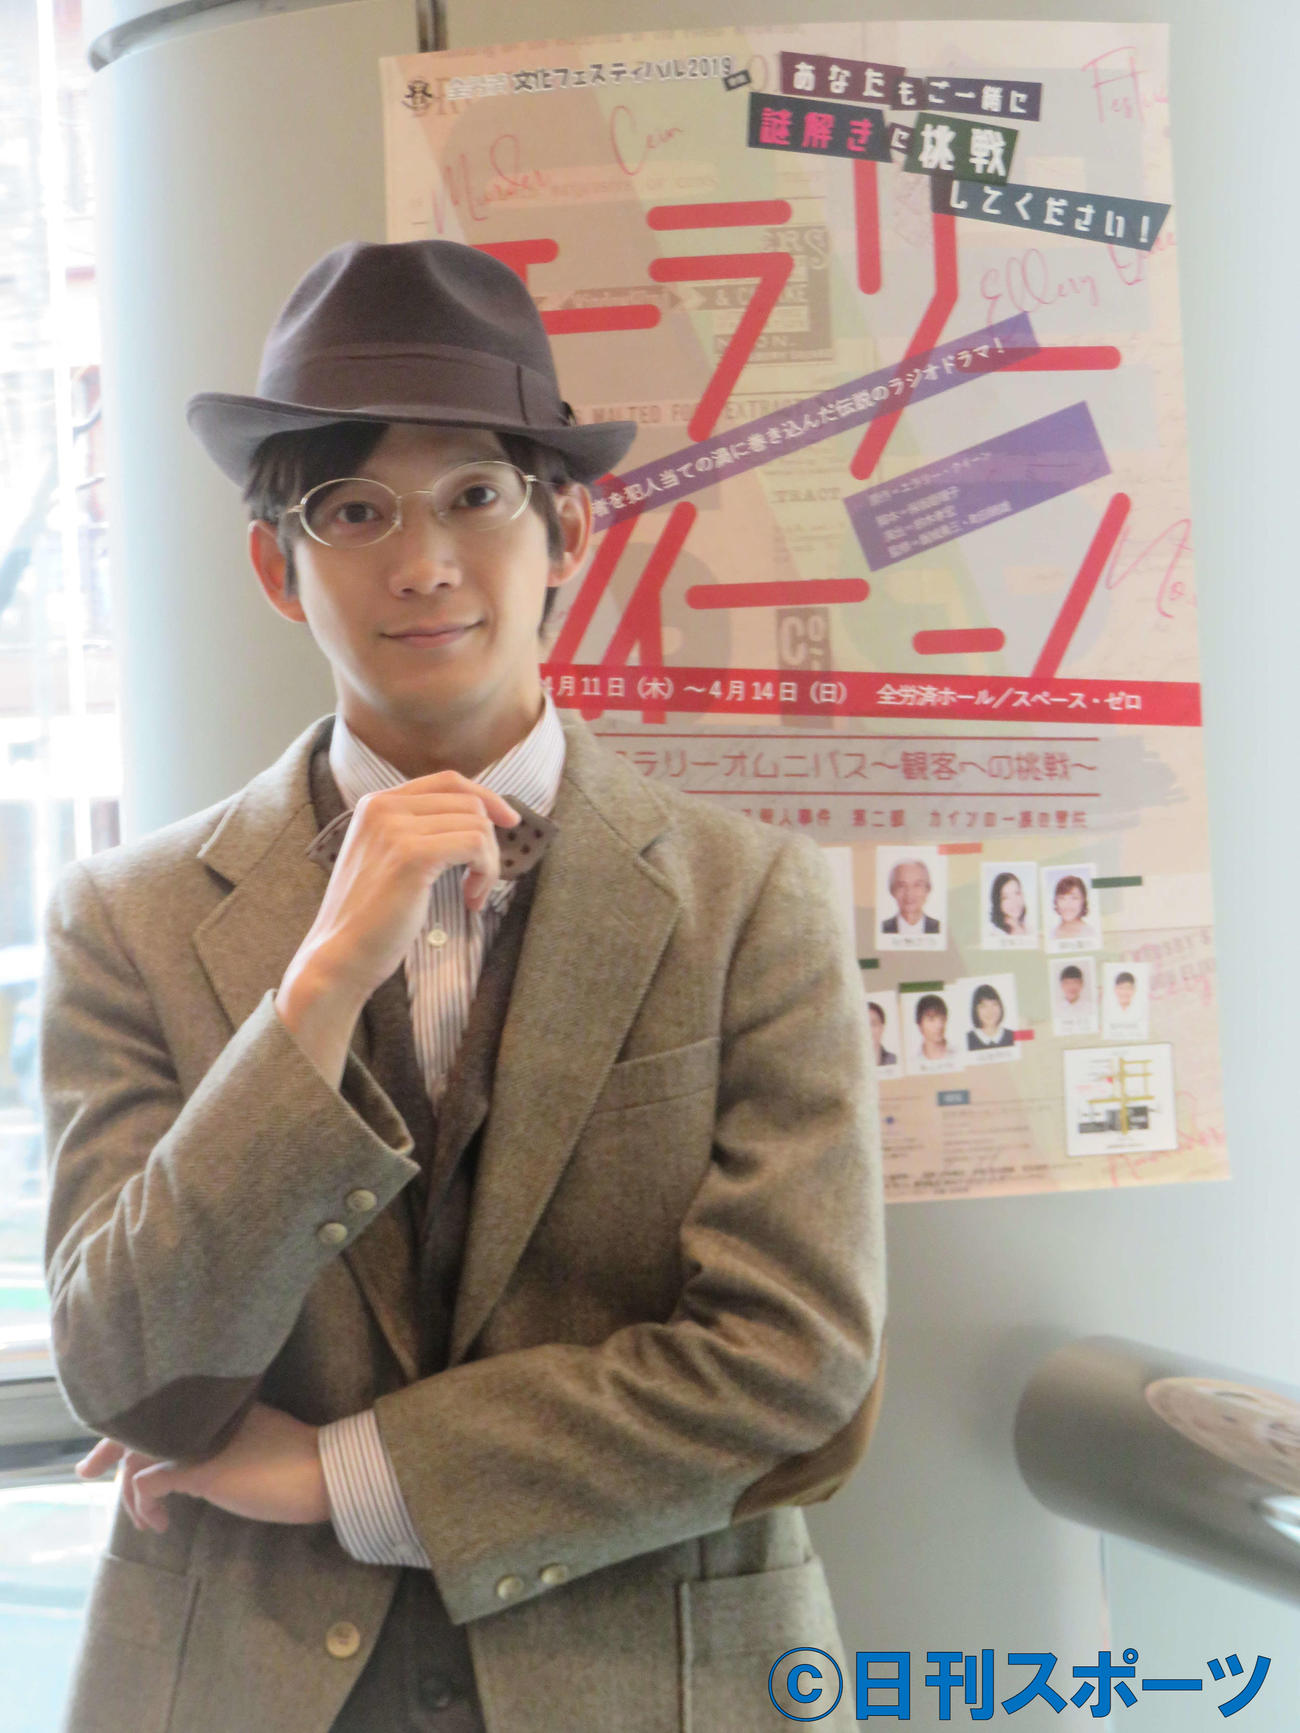 辻本祐樹、津川雅彦さんに感謝「大切な存在でした」 - 芸能 : 日刊スポーツ